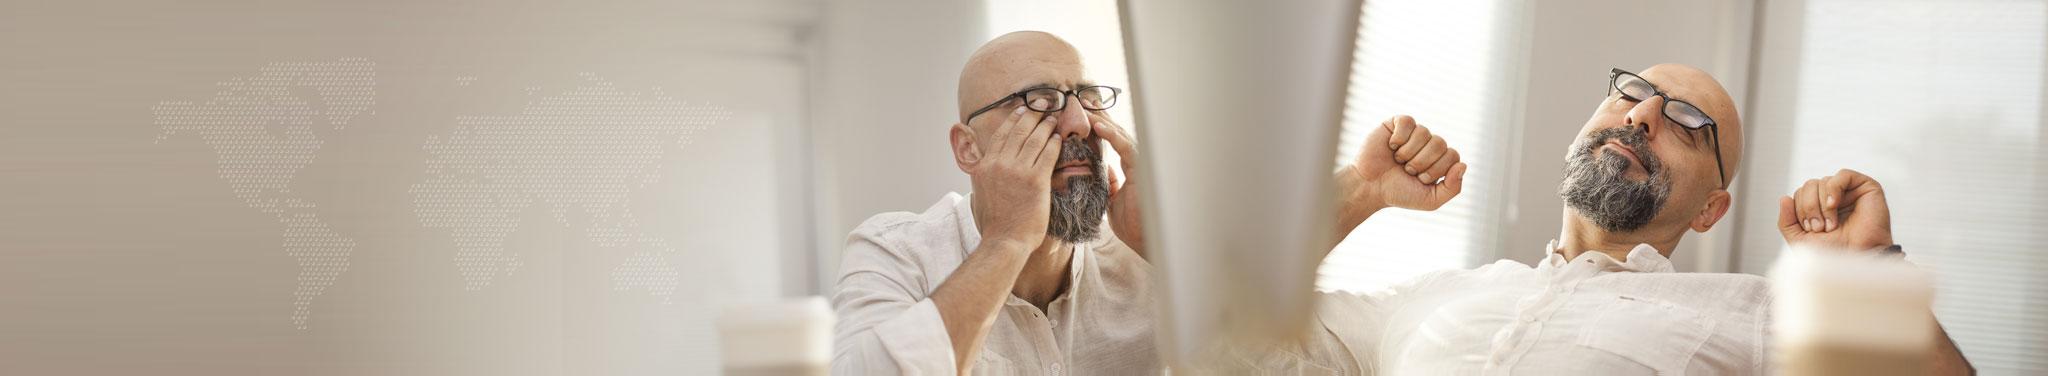 Müder Mann mit Bart, Brille und Glatze